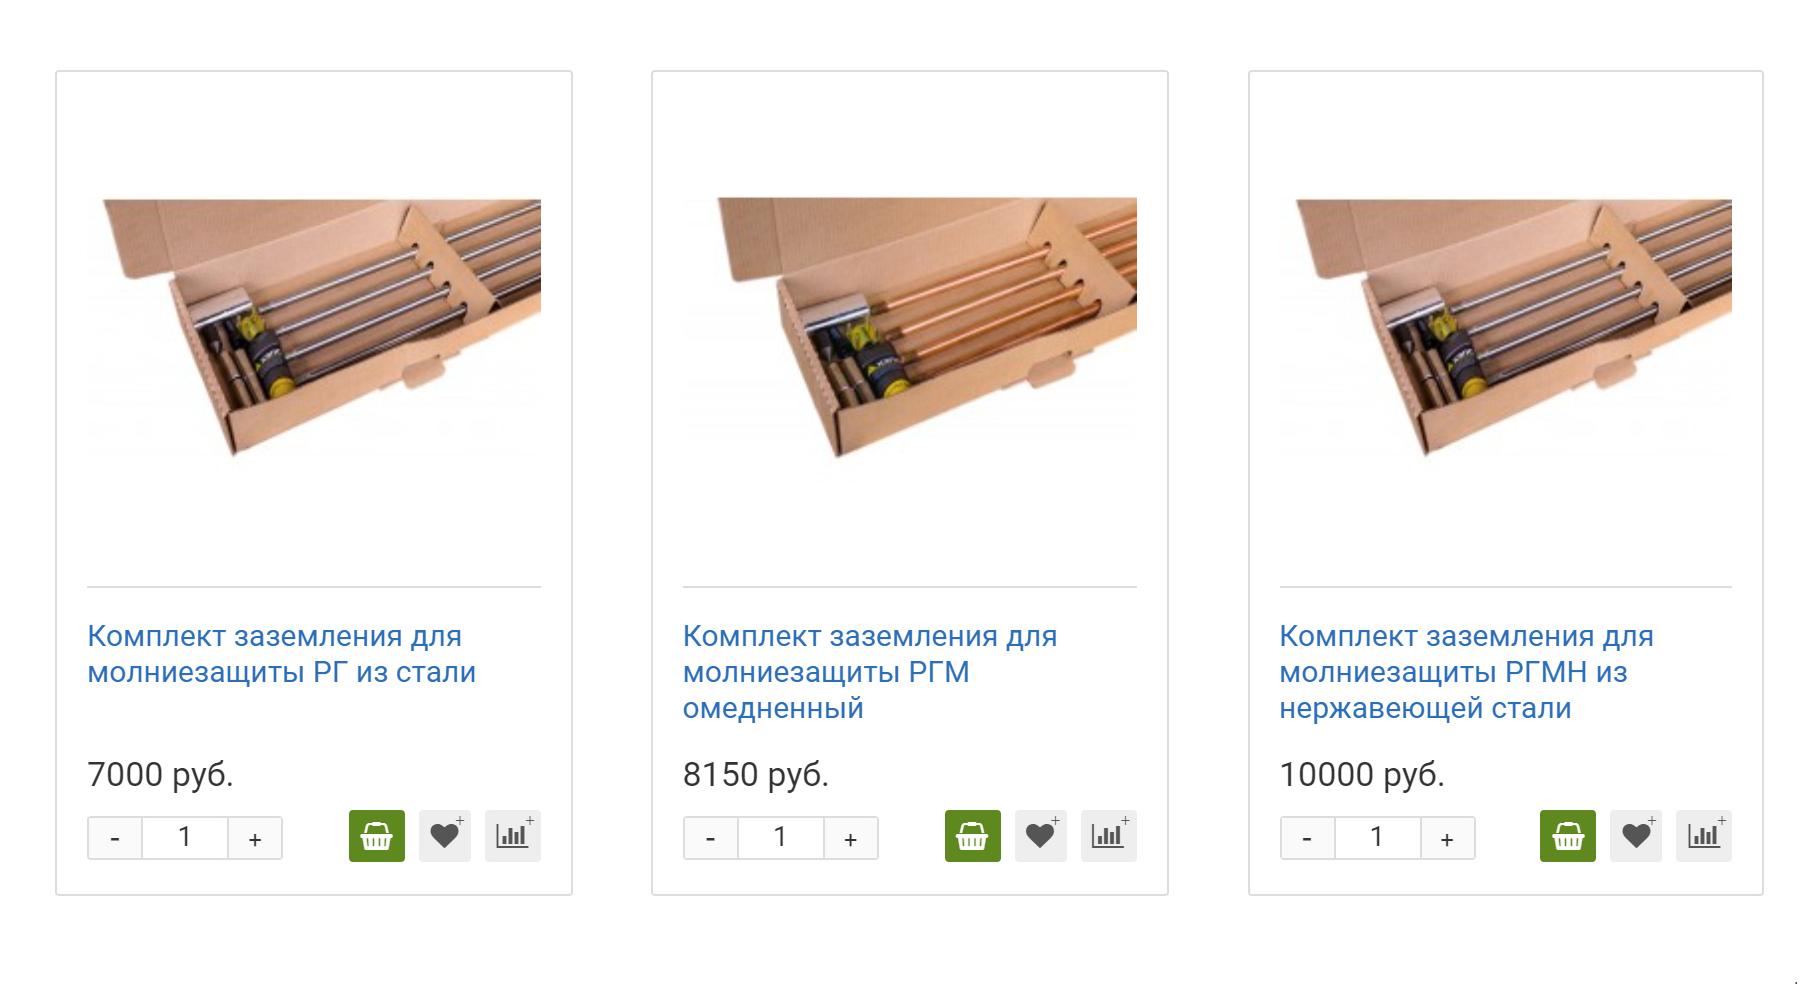 Громоотвод можно частично собрать самостоятельно, а ещечасть купить. Это цены на заводские заземлители на сайте Bolta